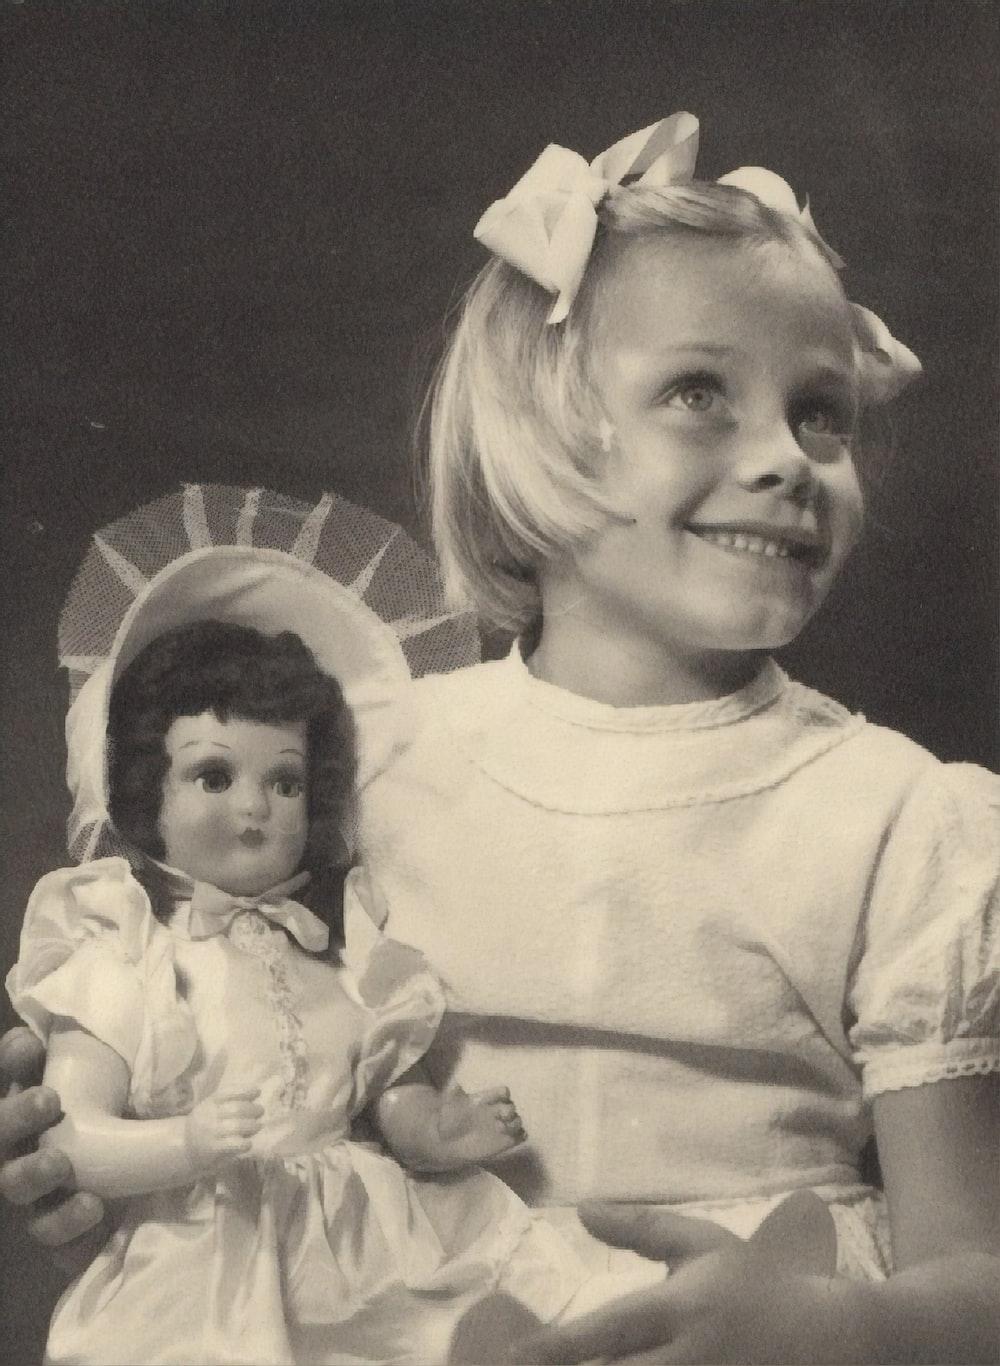 girl holding doll